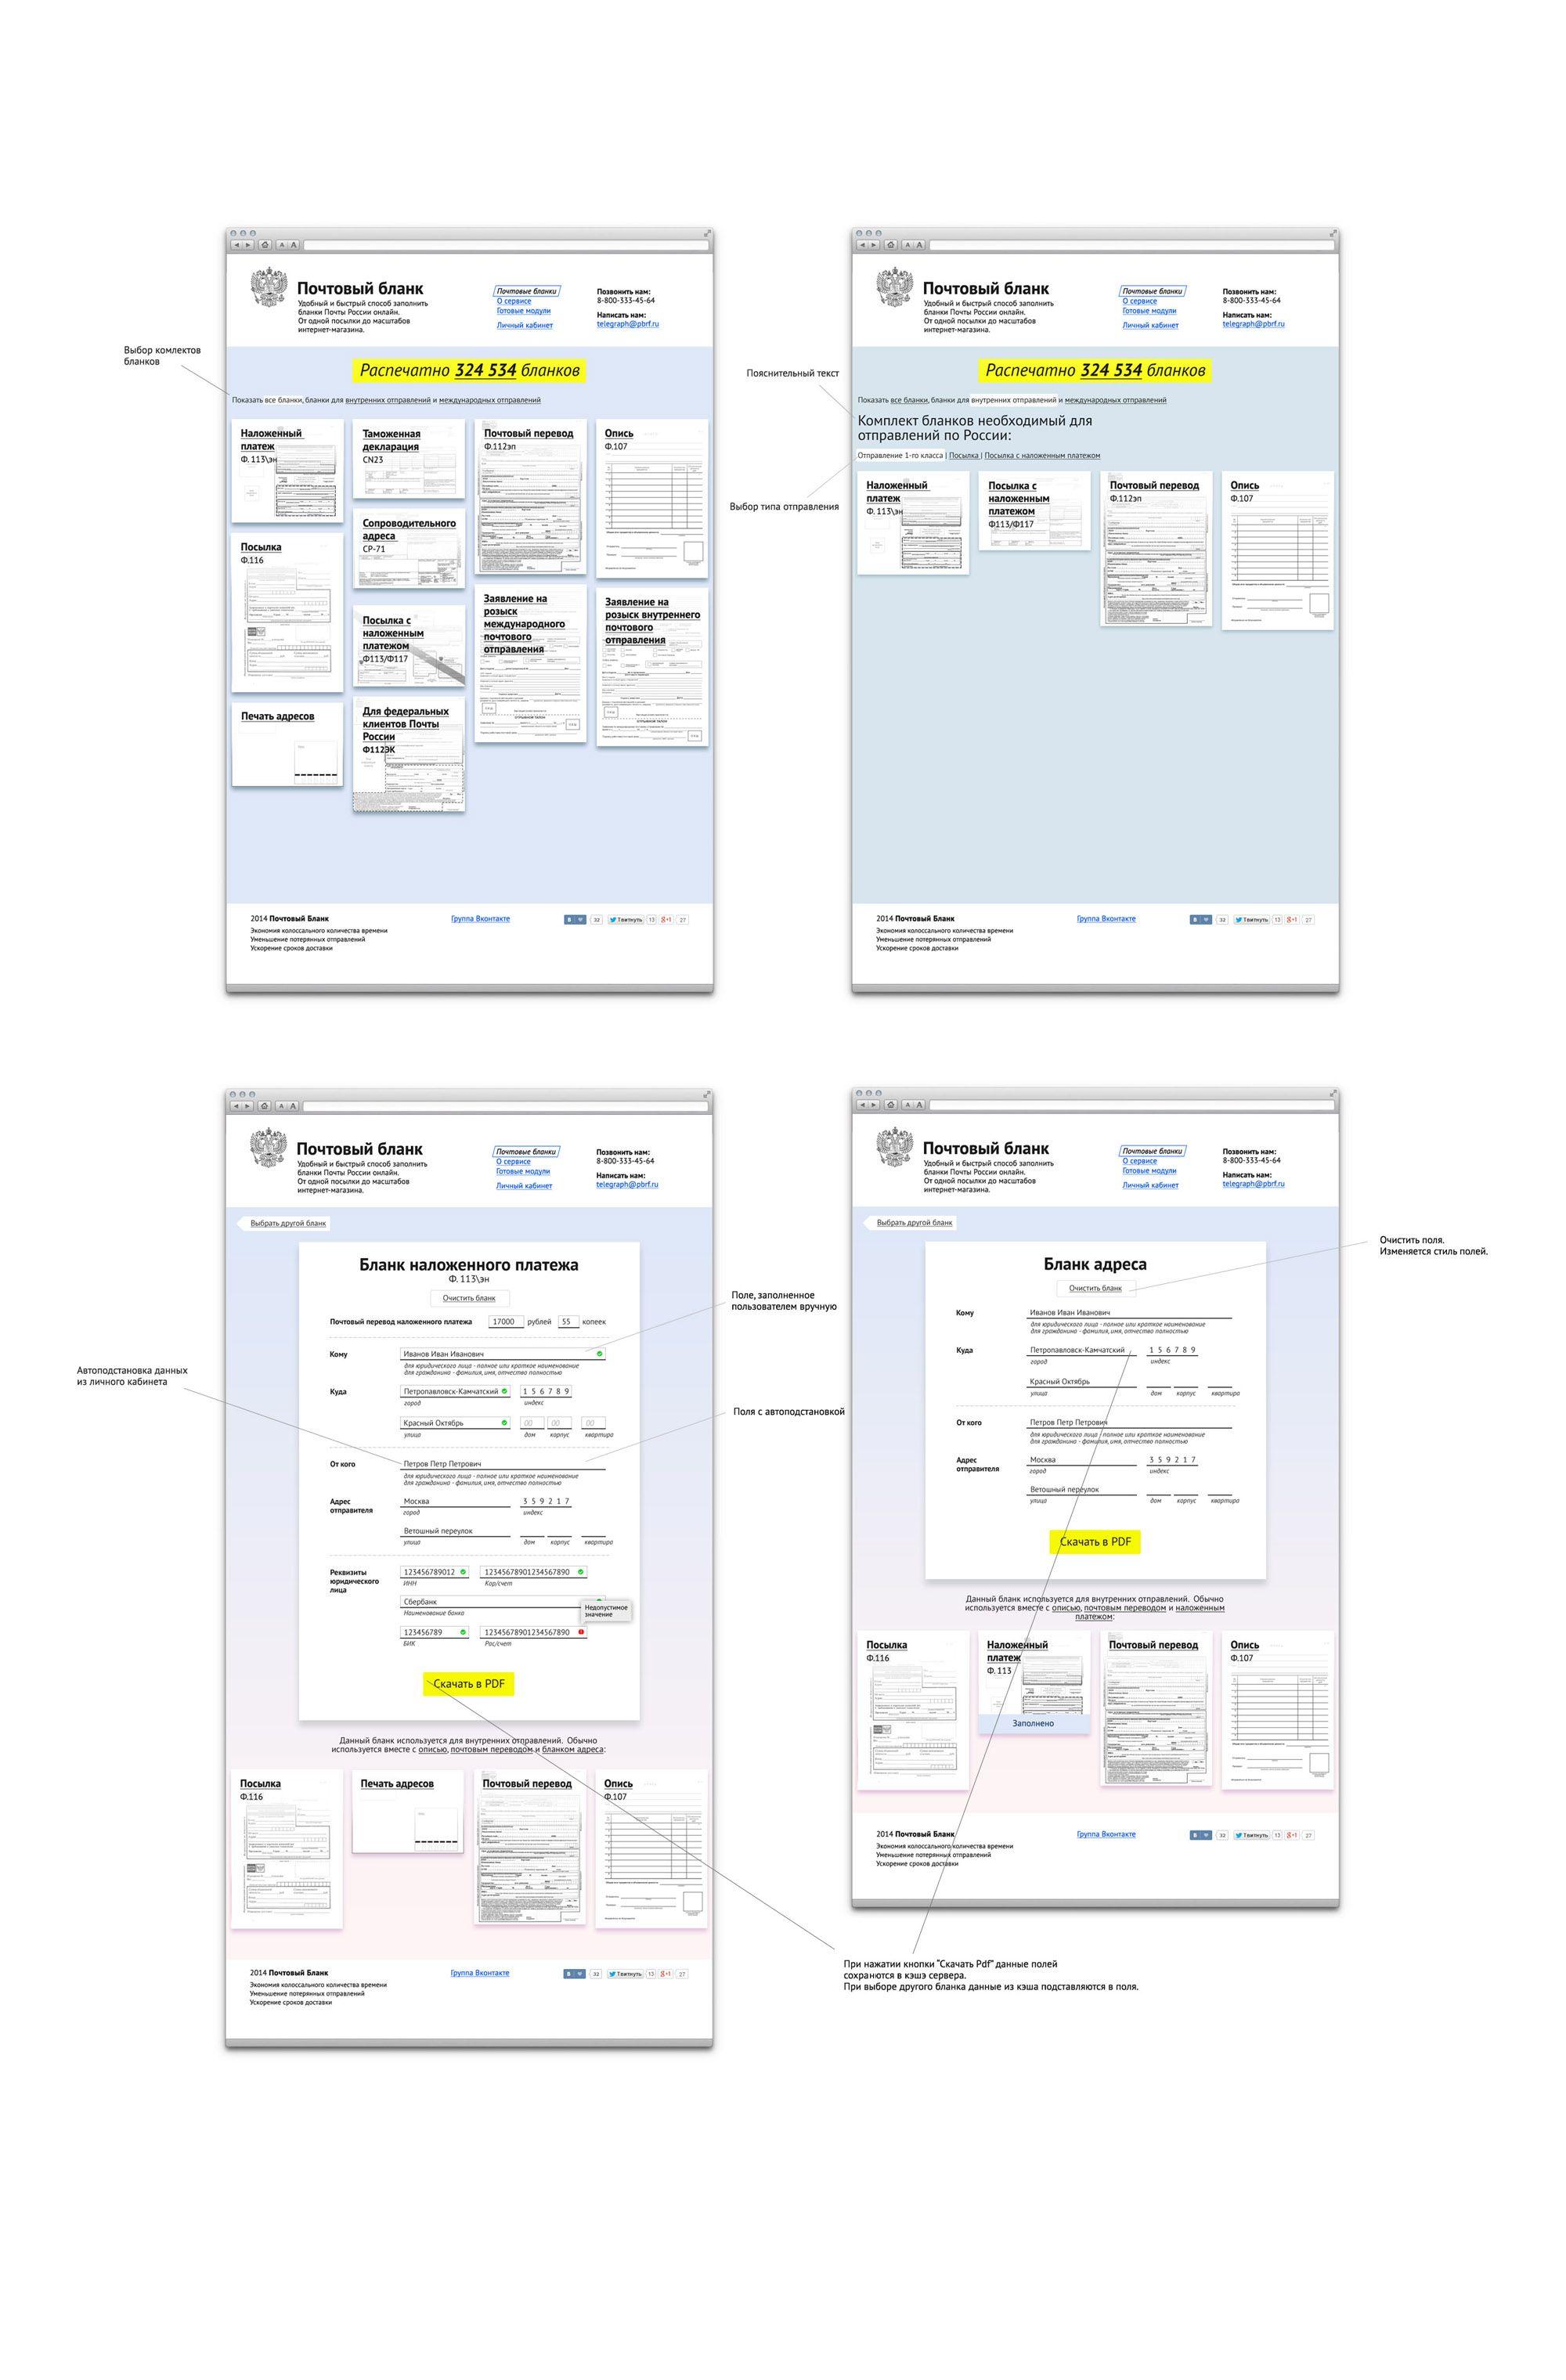 Редизайн Почтового Бланка, I этап - дизайнер imaginegg